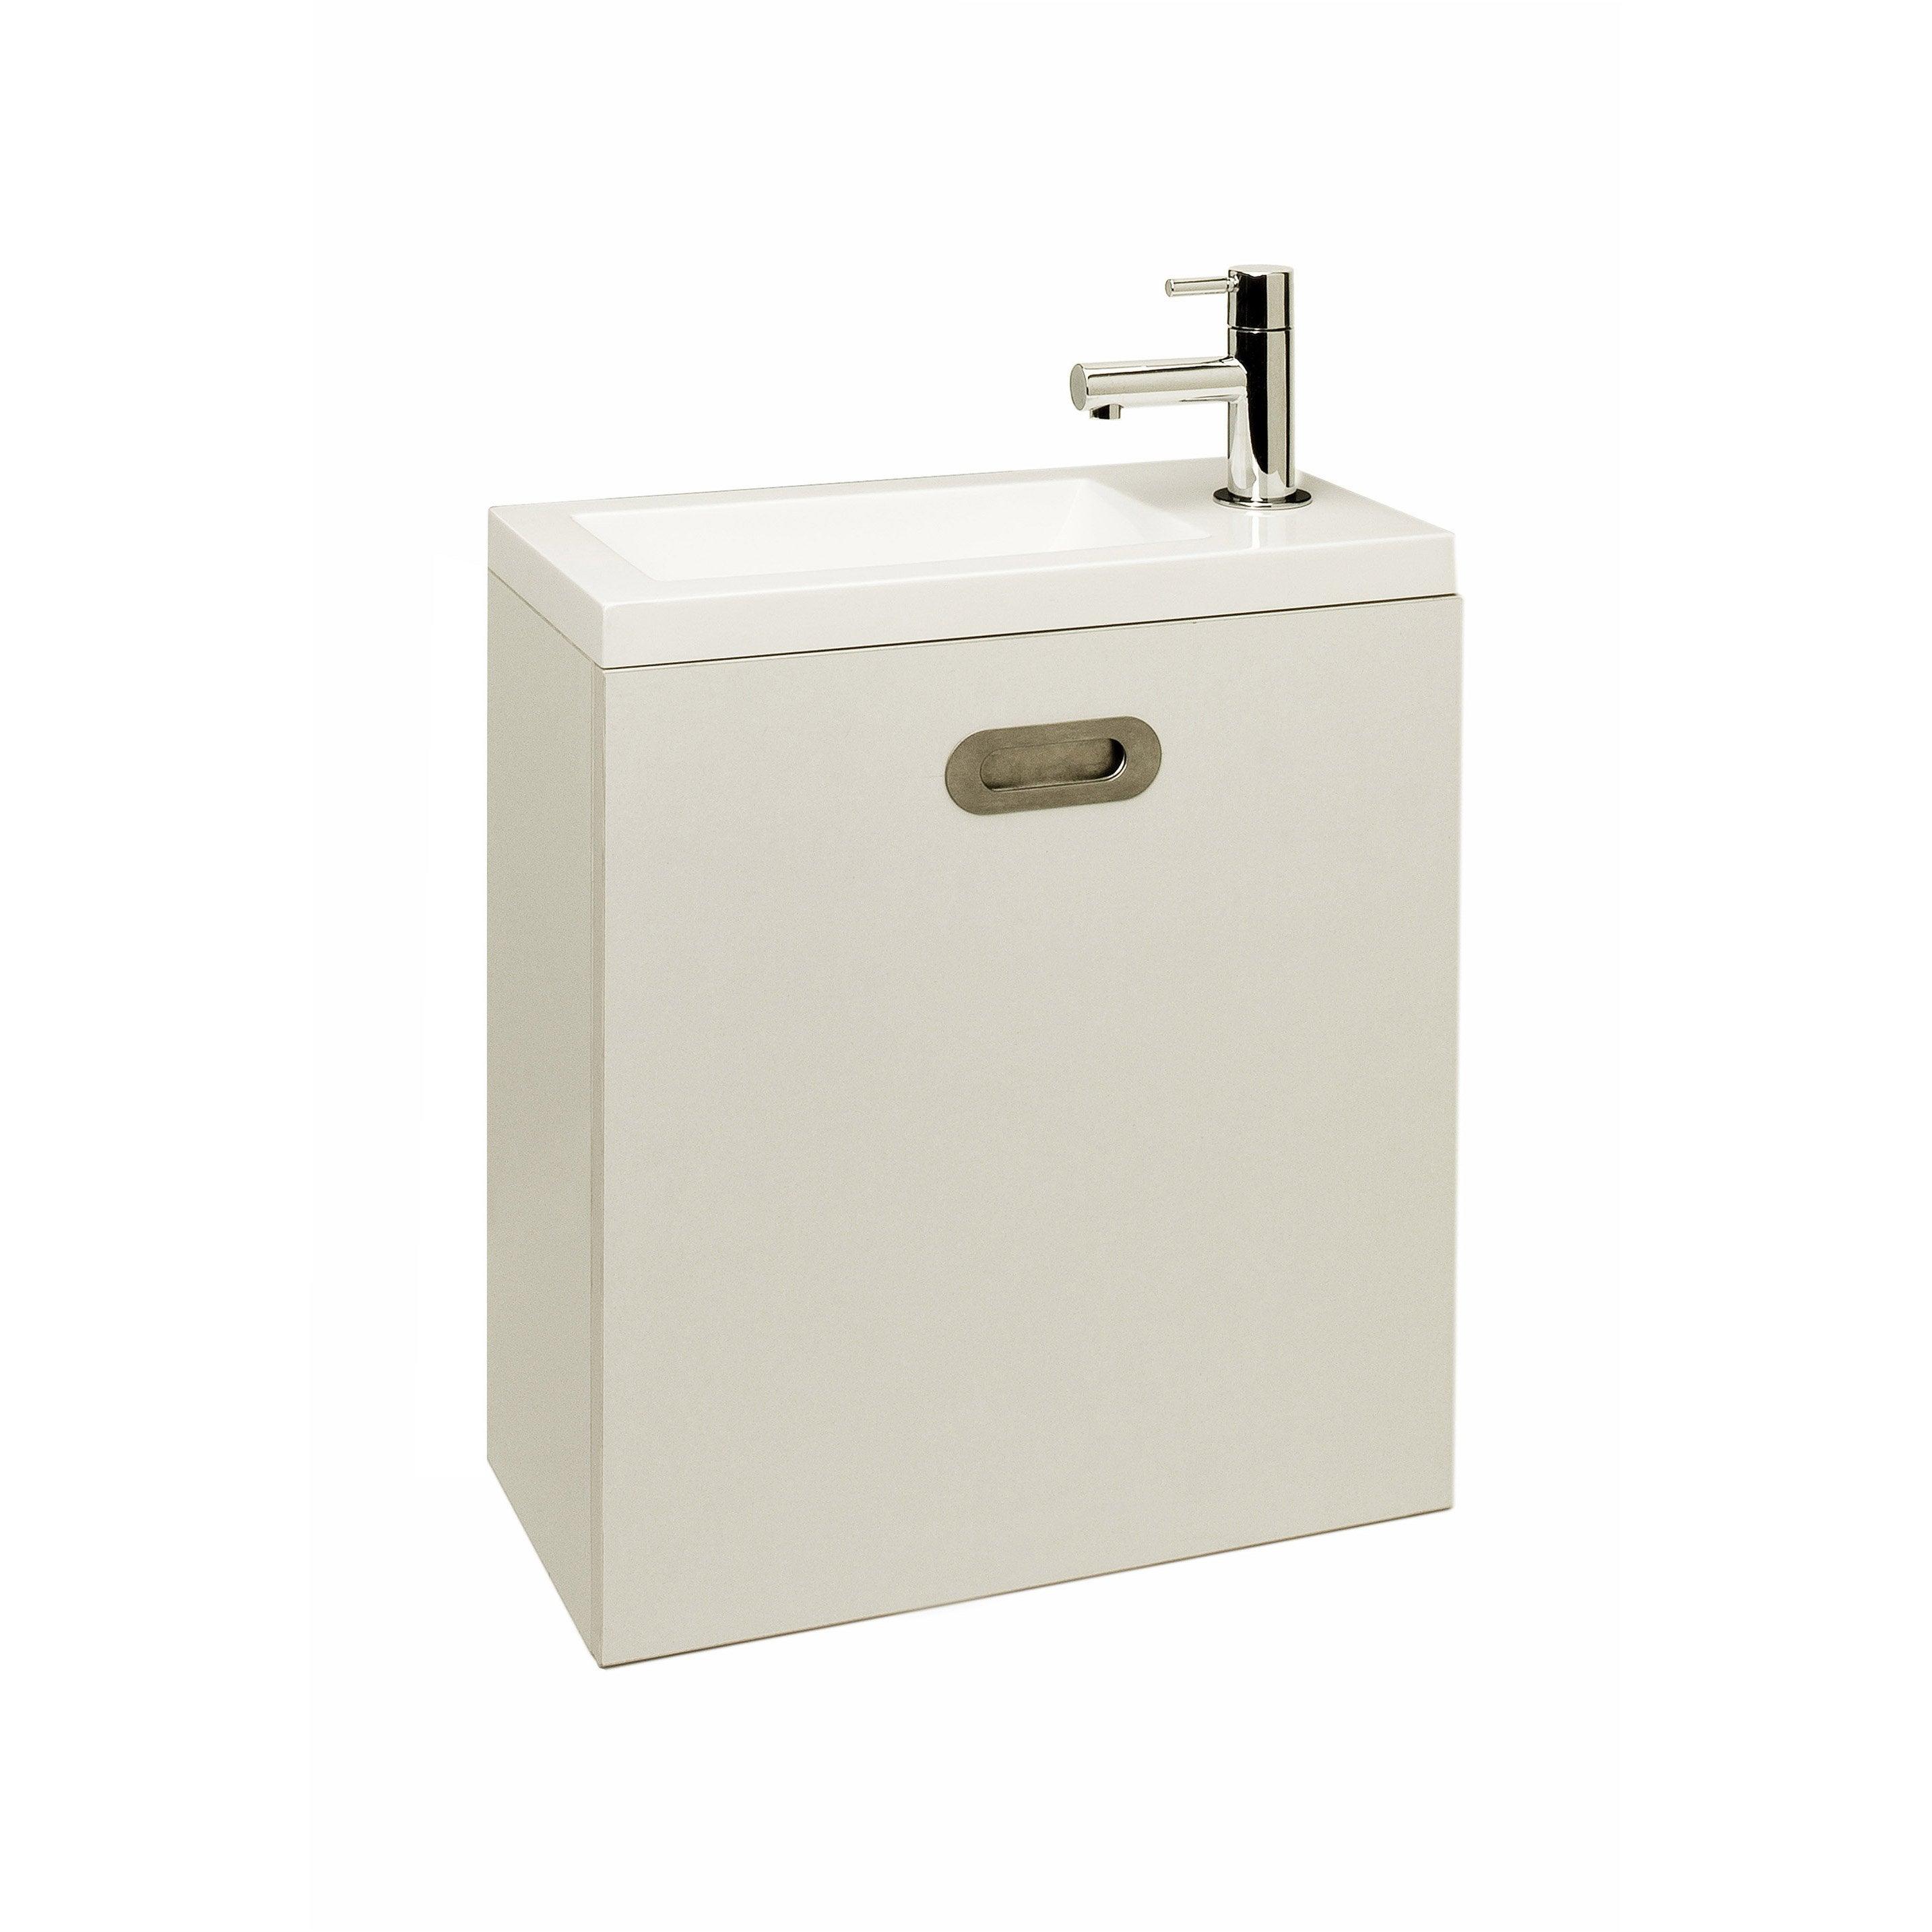 Comment Installer Un Lave Main Avec Meuble meuble lave-mains, nerea n/a réversible